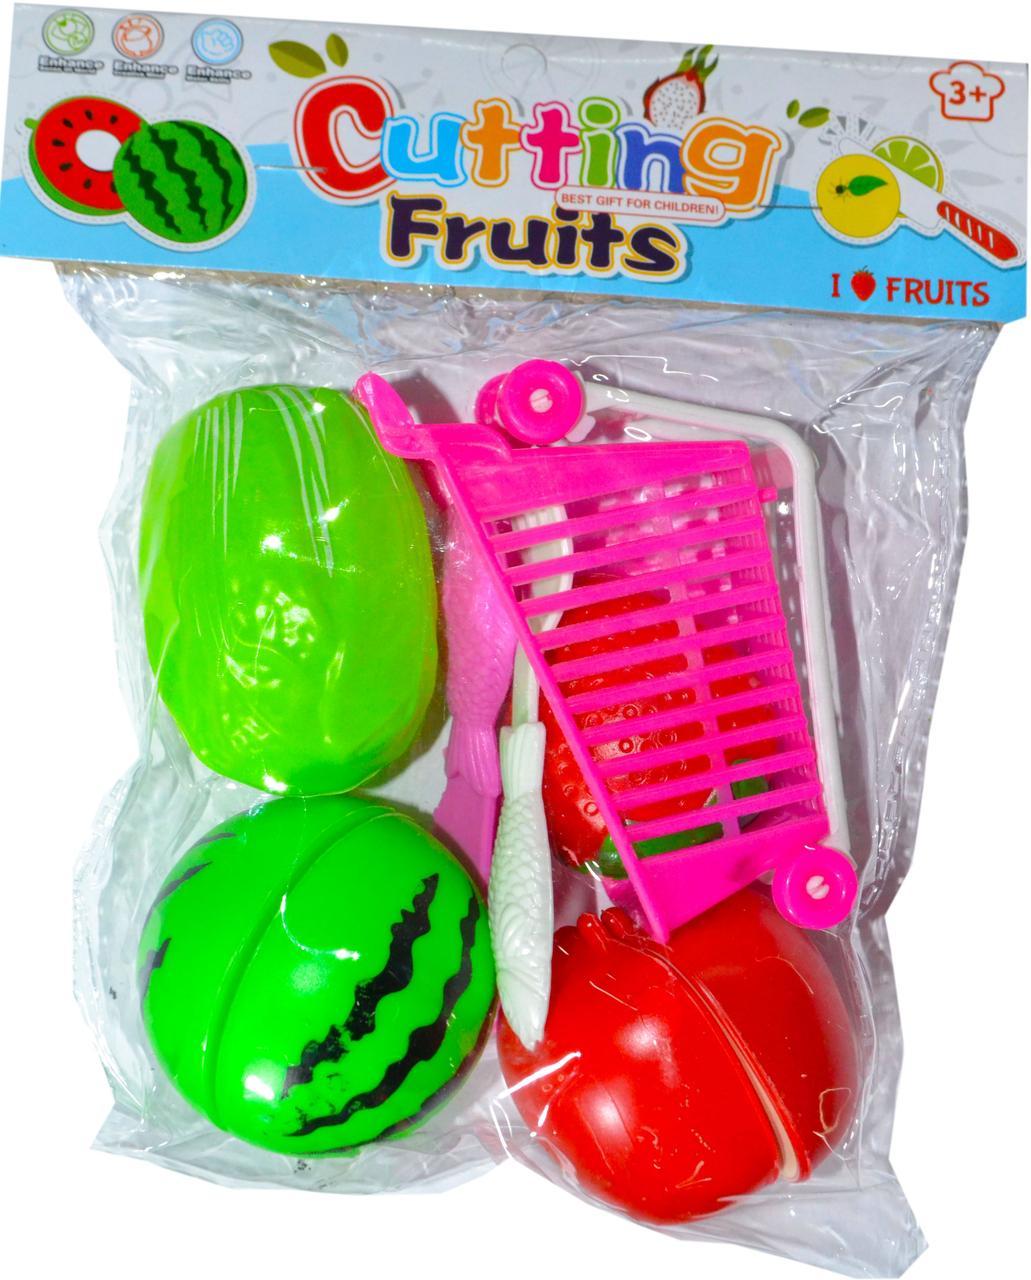 388 Фрукты Cutting Fruits в тележке, можно резать 20*12см